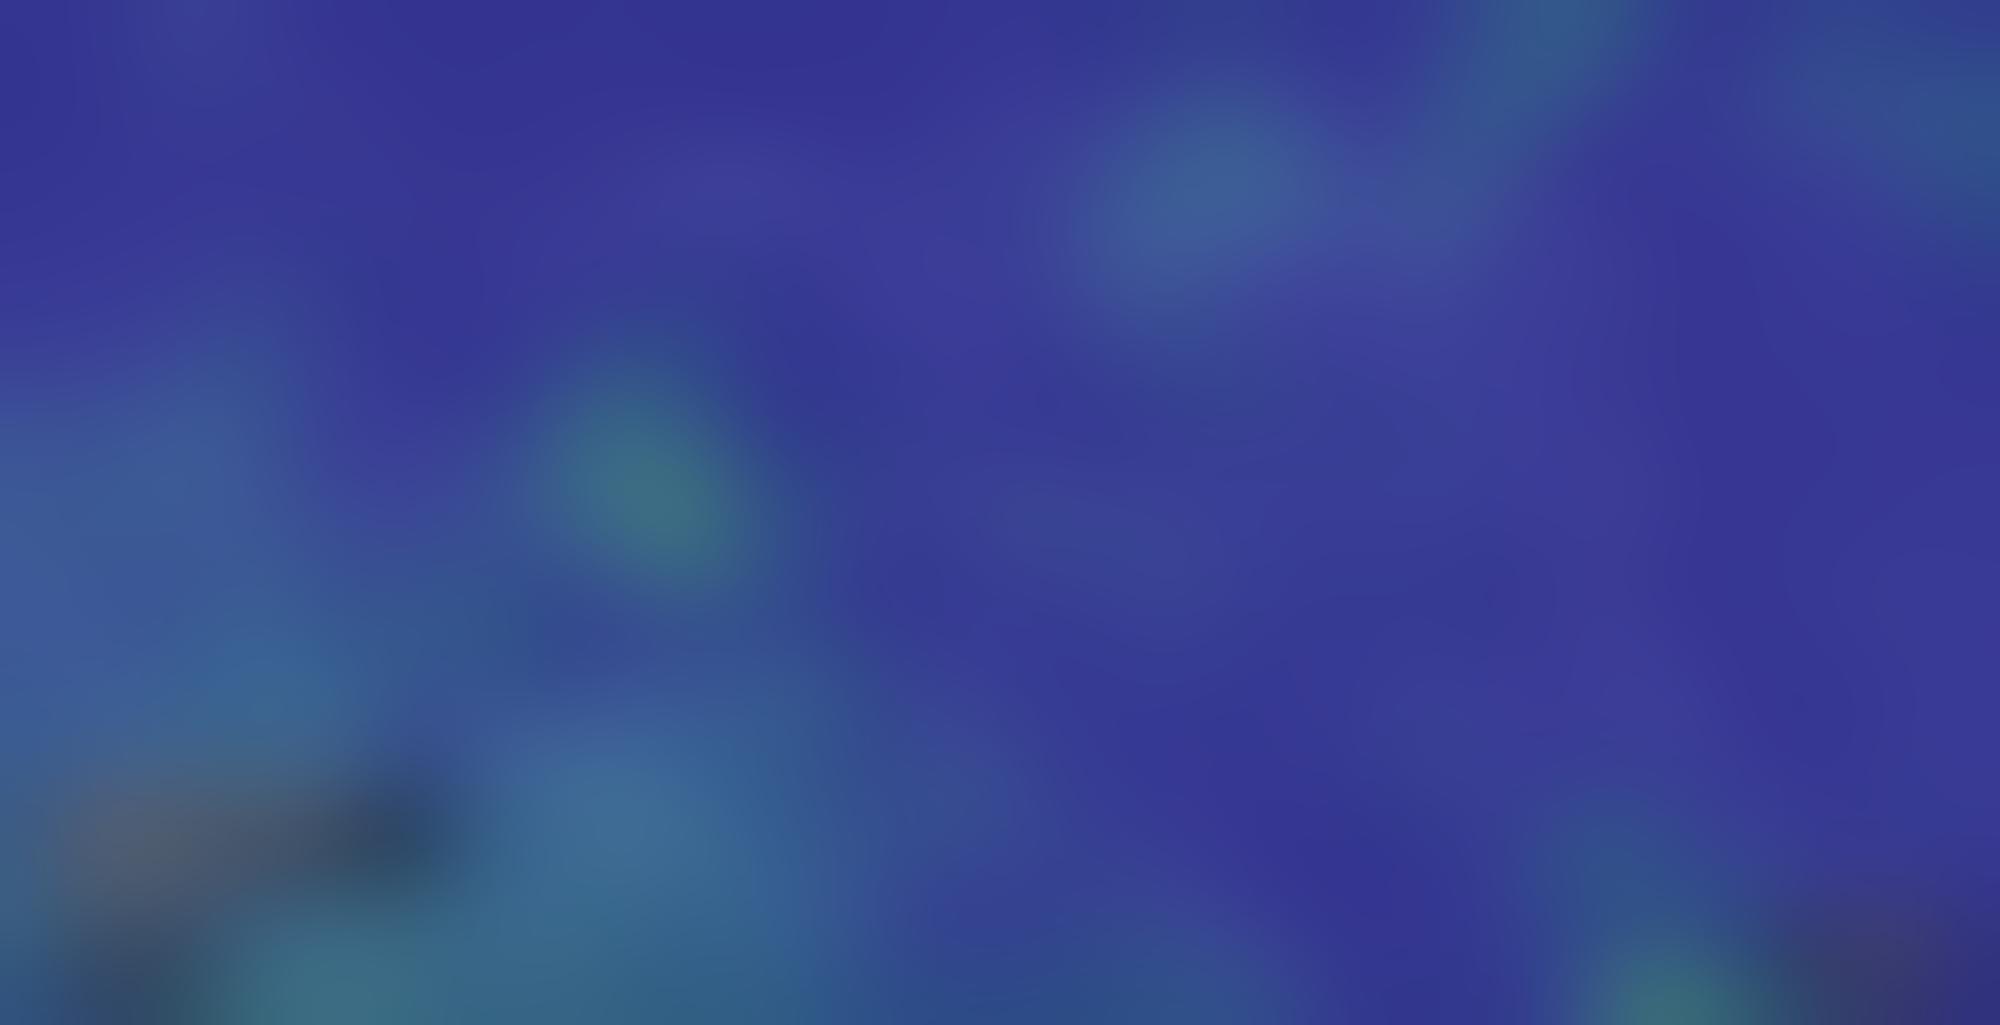 Screenshot 2020 02 11 at 10 53 13 autocompressfitresizeixlibphp 1 1 0max h2000max w3 D2000q80s4308ce2d217b8ed4bdf4b354e707404f